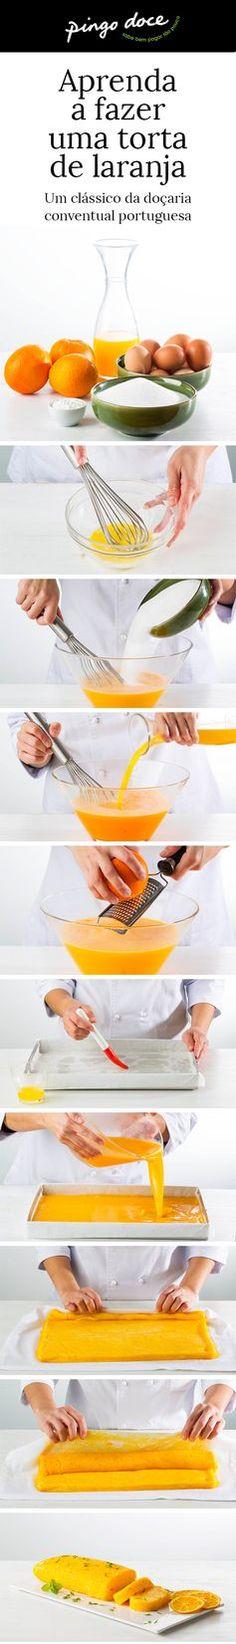 O doce com pedaços de fruta é o recheio ideal para estes crepes com doce e canela, fáceis de preparar e que tornam qualquer pequeno-almoço irresistível.